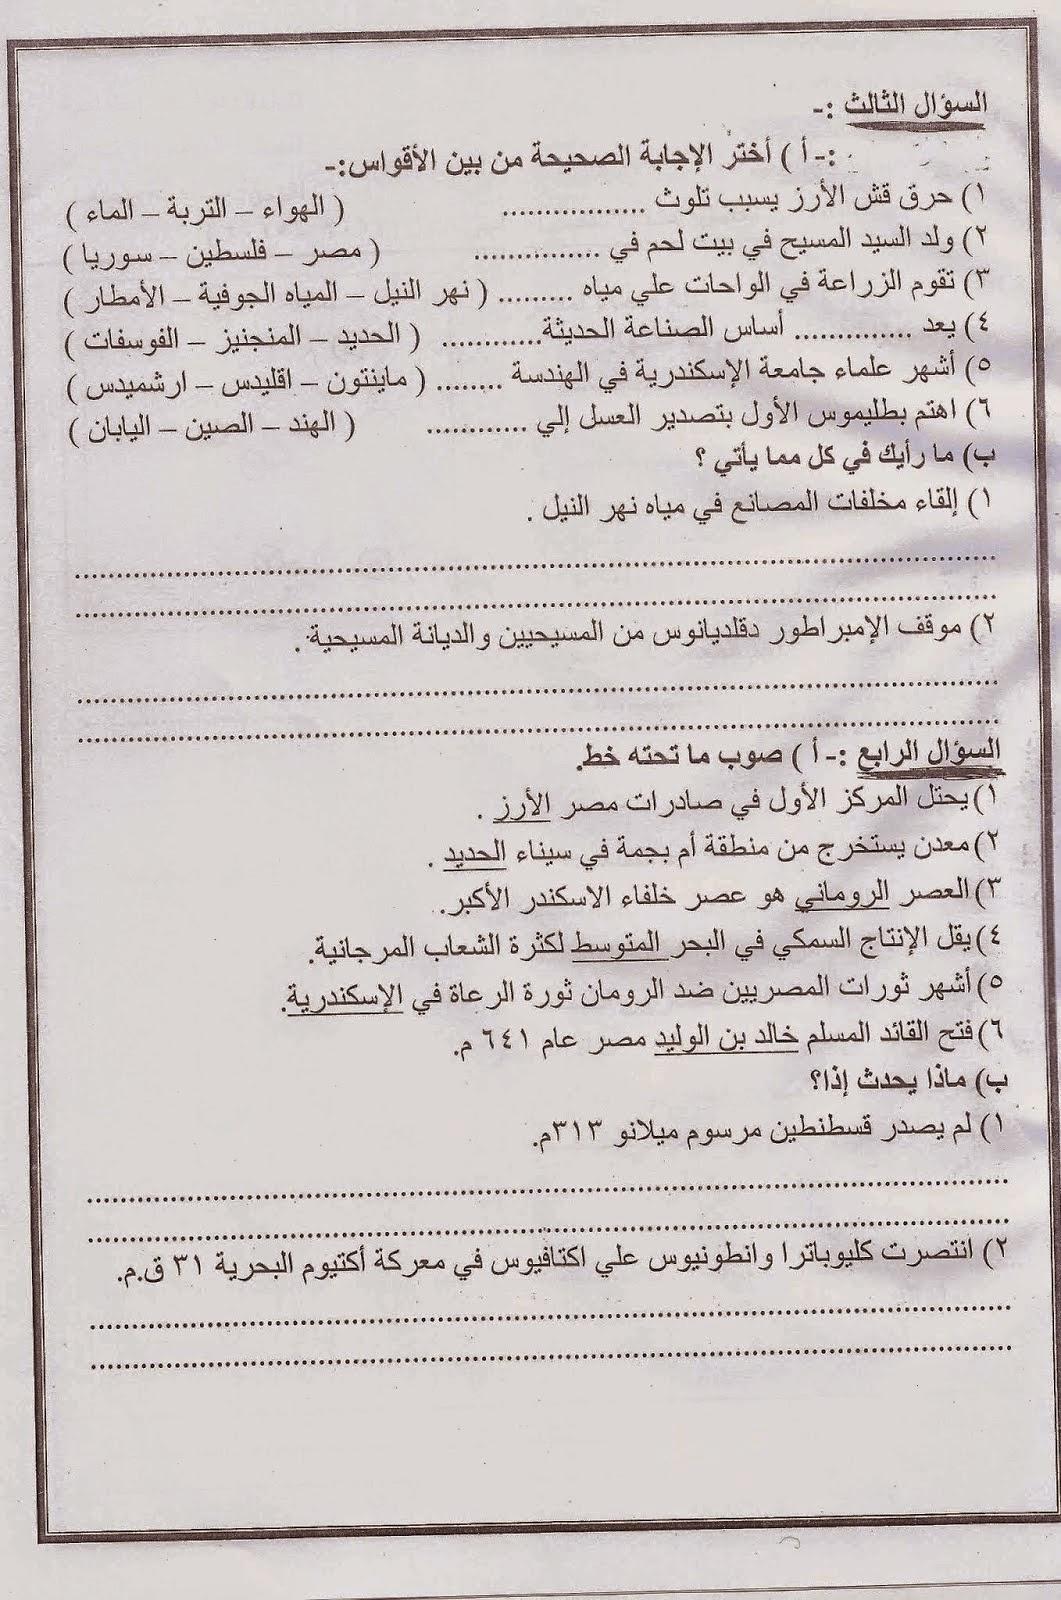 امتحانات كل مواد الصف الخامس الابتدائي الترم الأول 2015 مدارس مصر حكومى و لغات scan0102.jpg